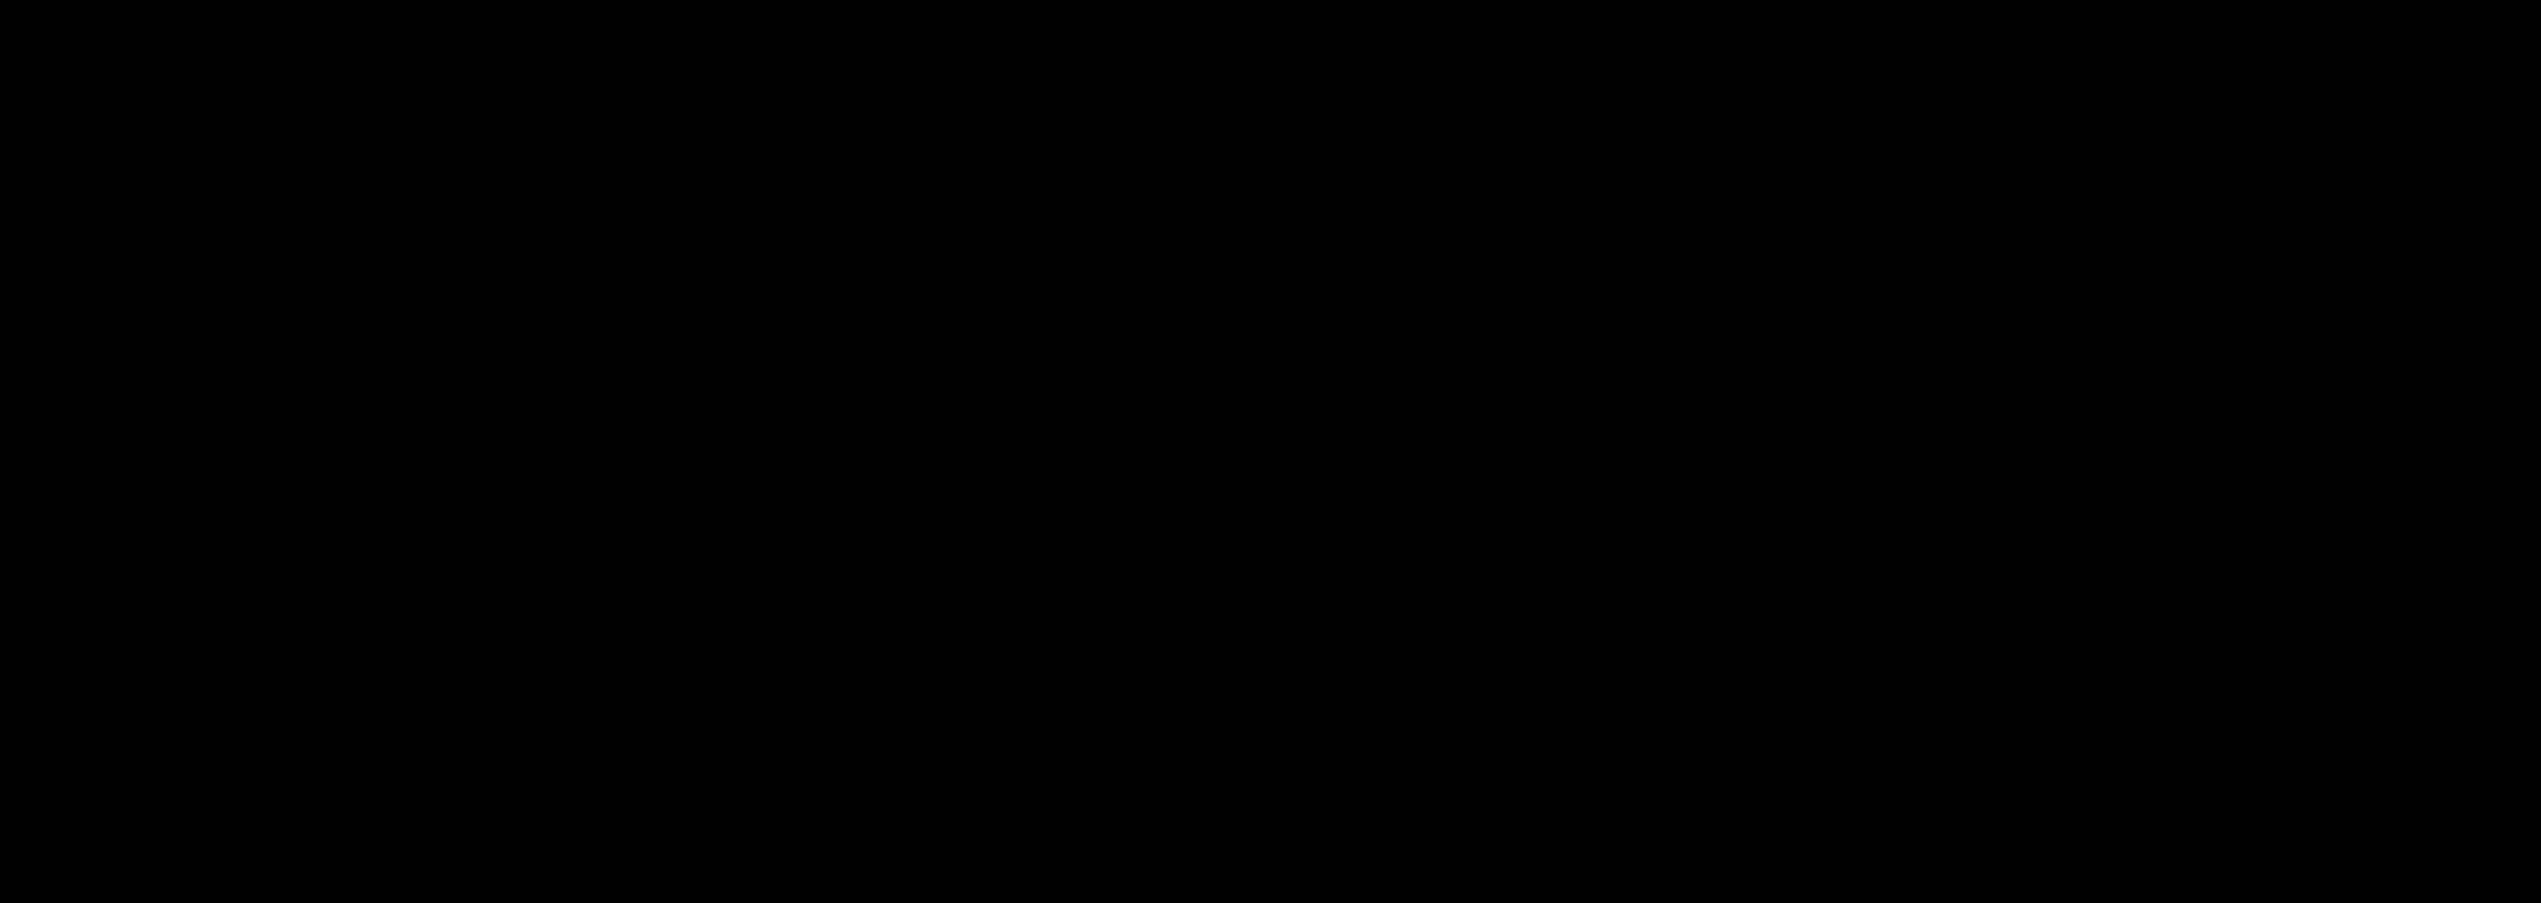 Apple Iphone Symbol